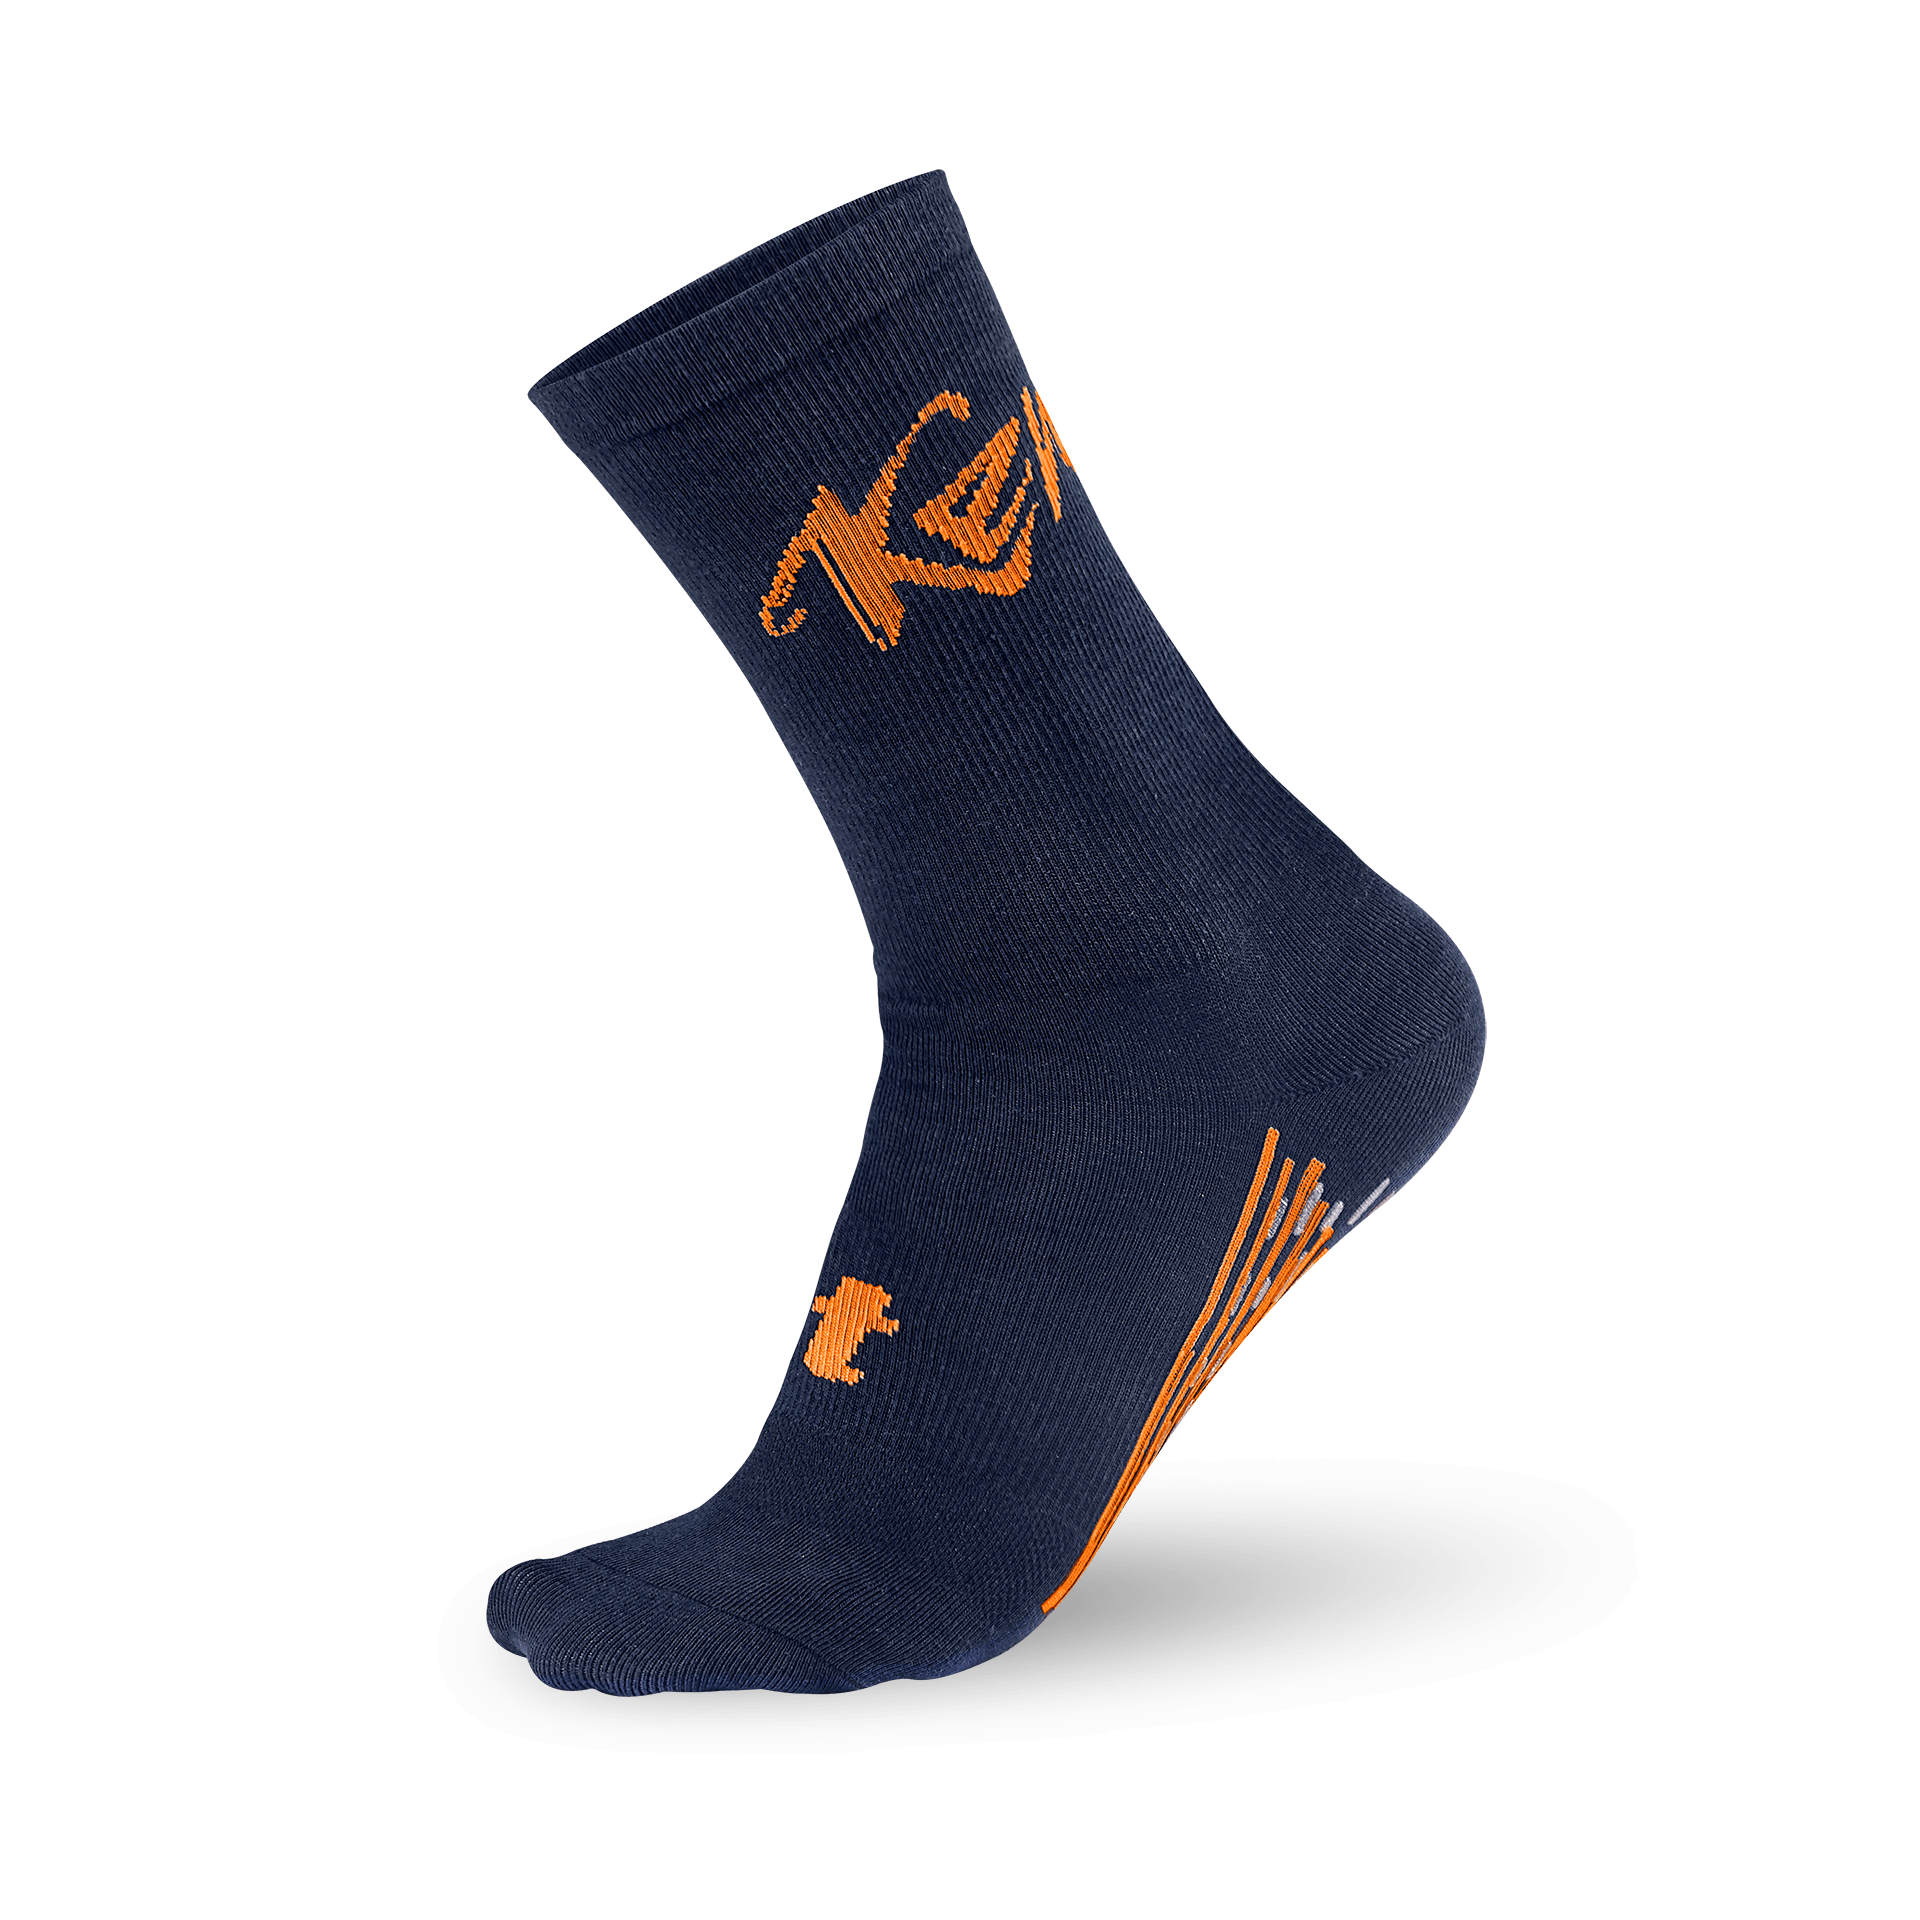 薄型訓練襪 中筒 - 許元耕聯名款